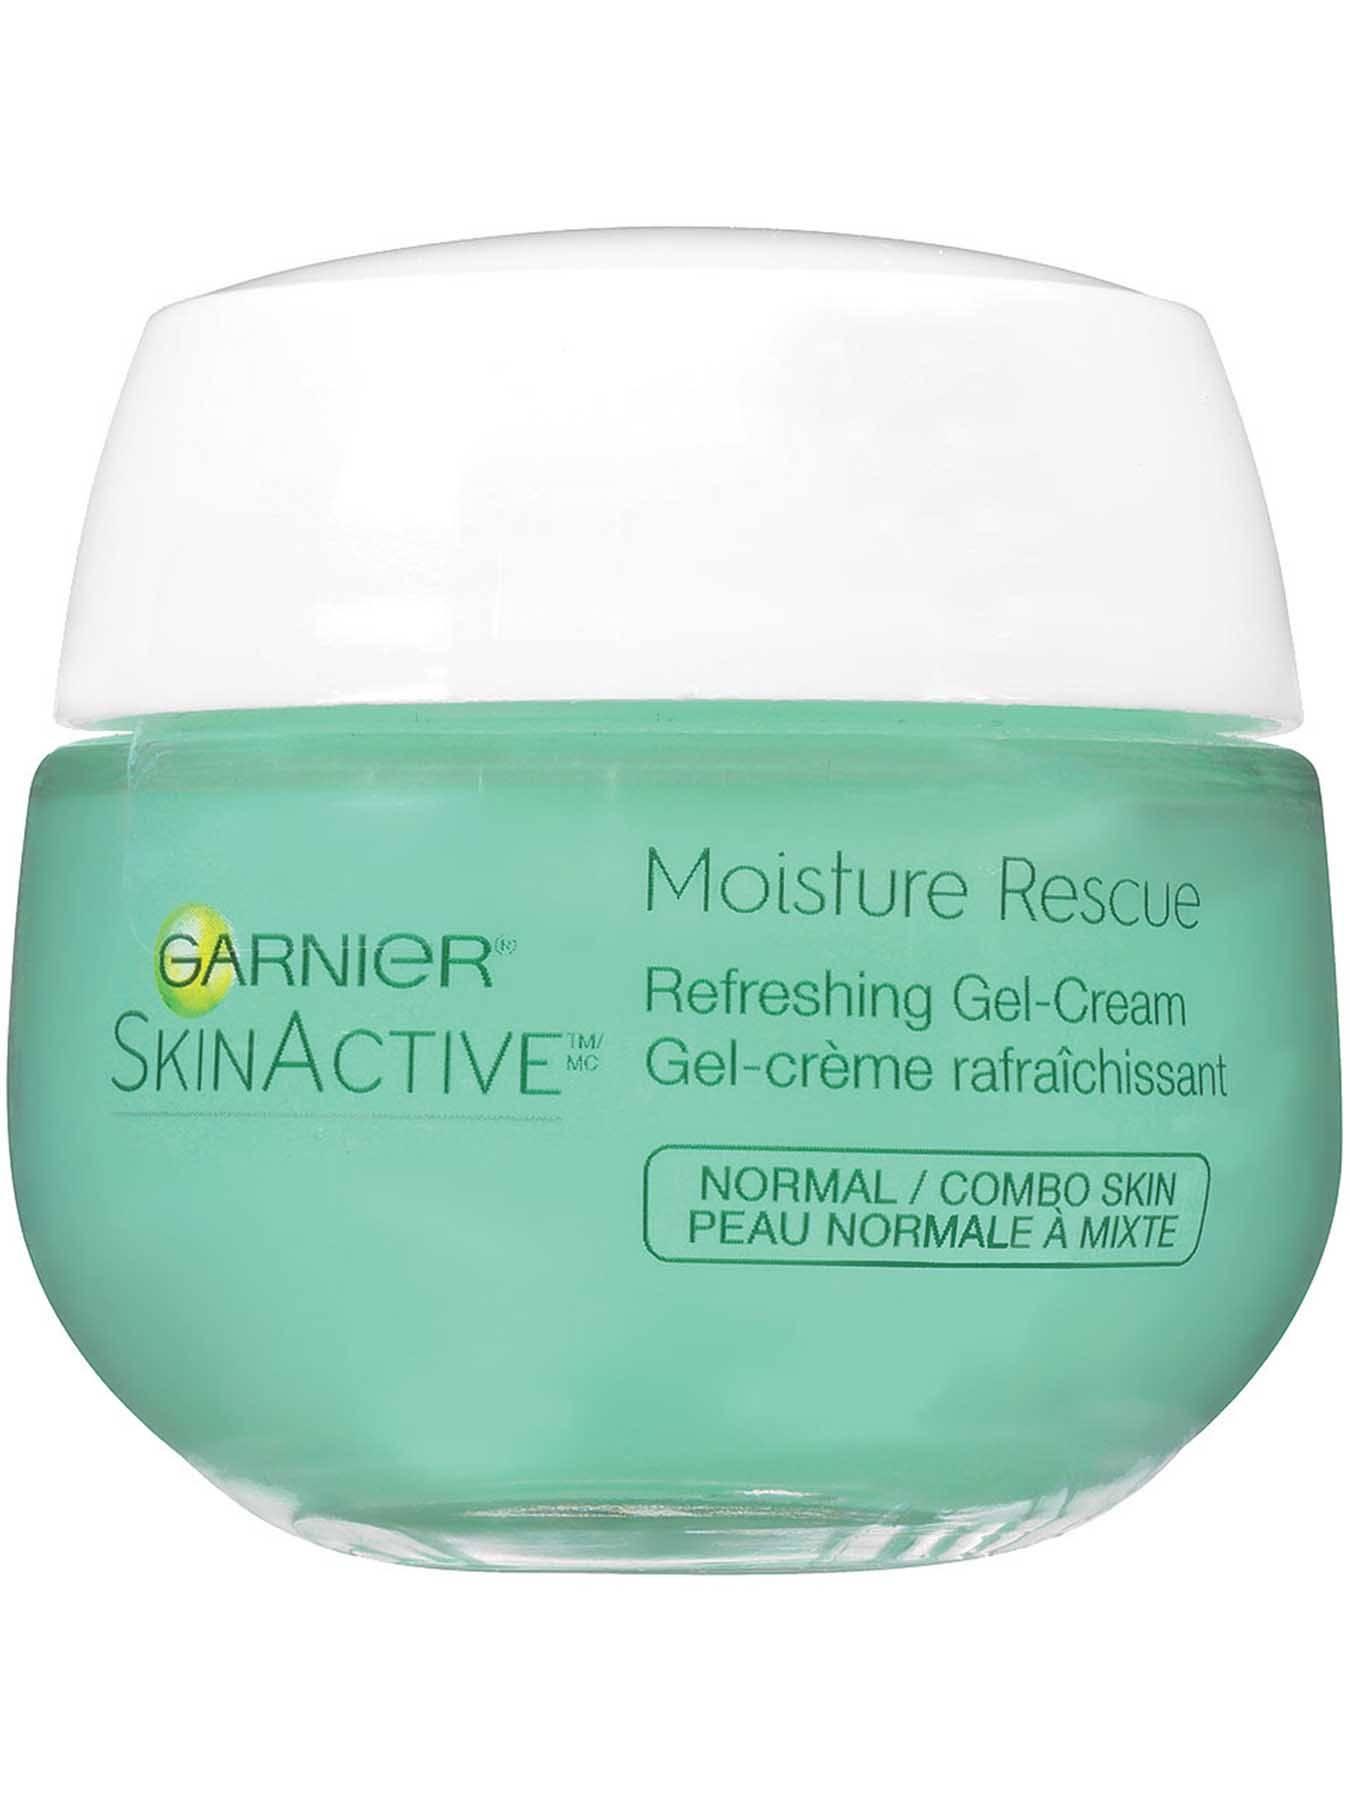 Garnier SkinActive - Moisture Rescue Refreshing Gel Cream